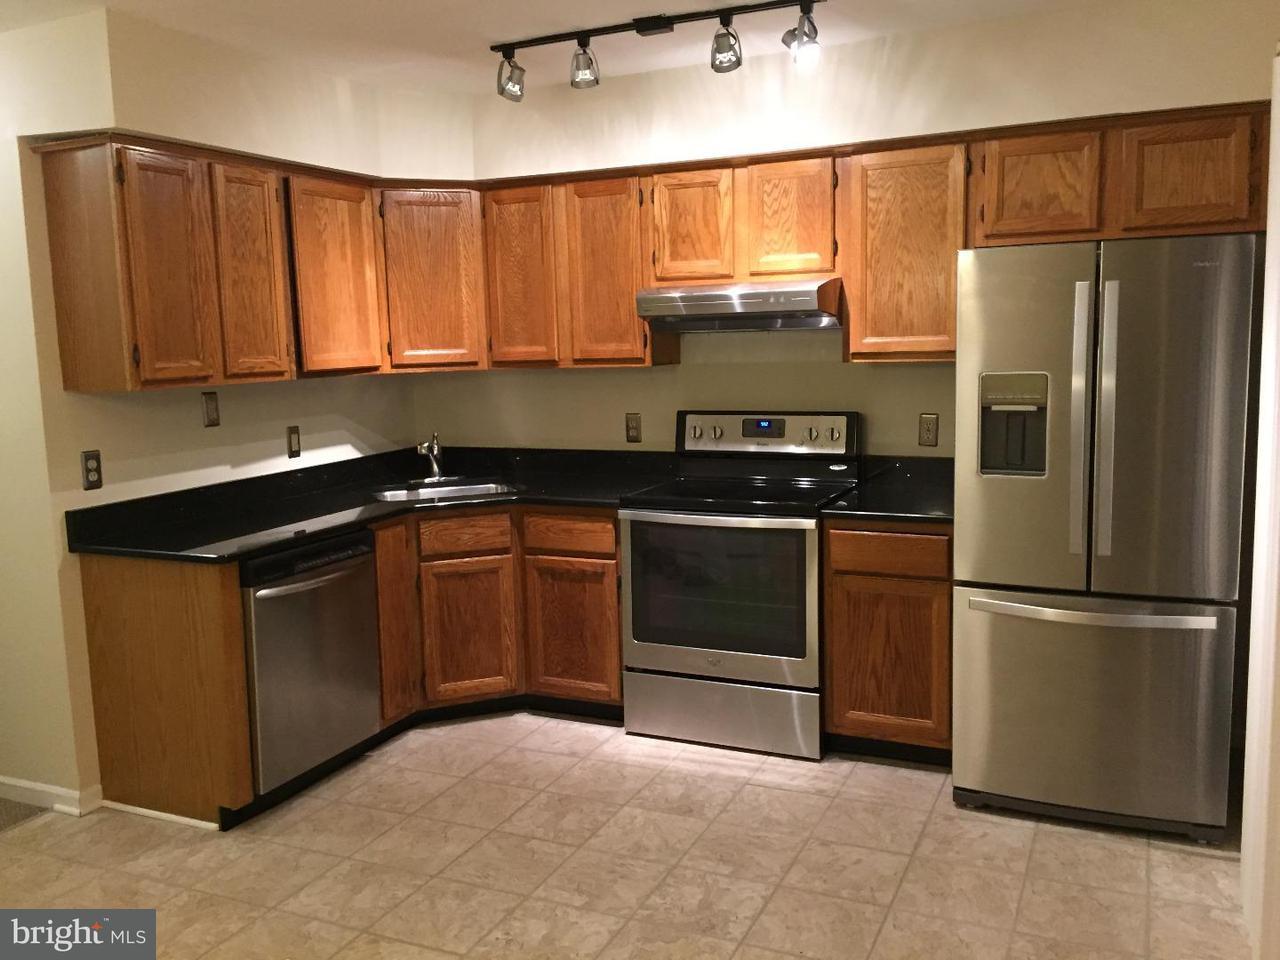 联栋屋 为 出租 在 168 MERCER Street 特伦顿, 新泽西州 08611 美国在/周边: Trenton City